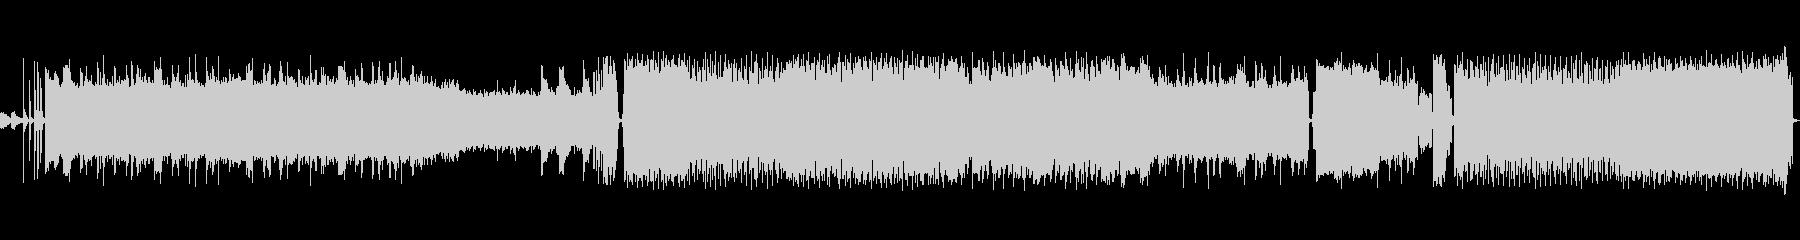 緩急の激しいデスボイスのメタル曲の未再生の波形